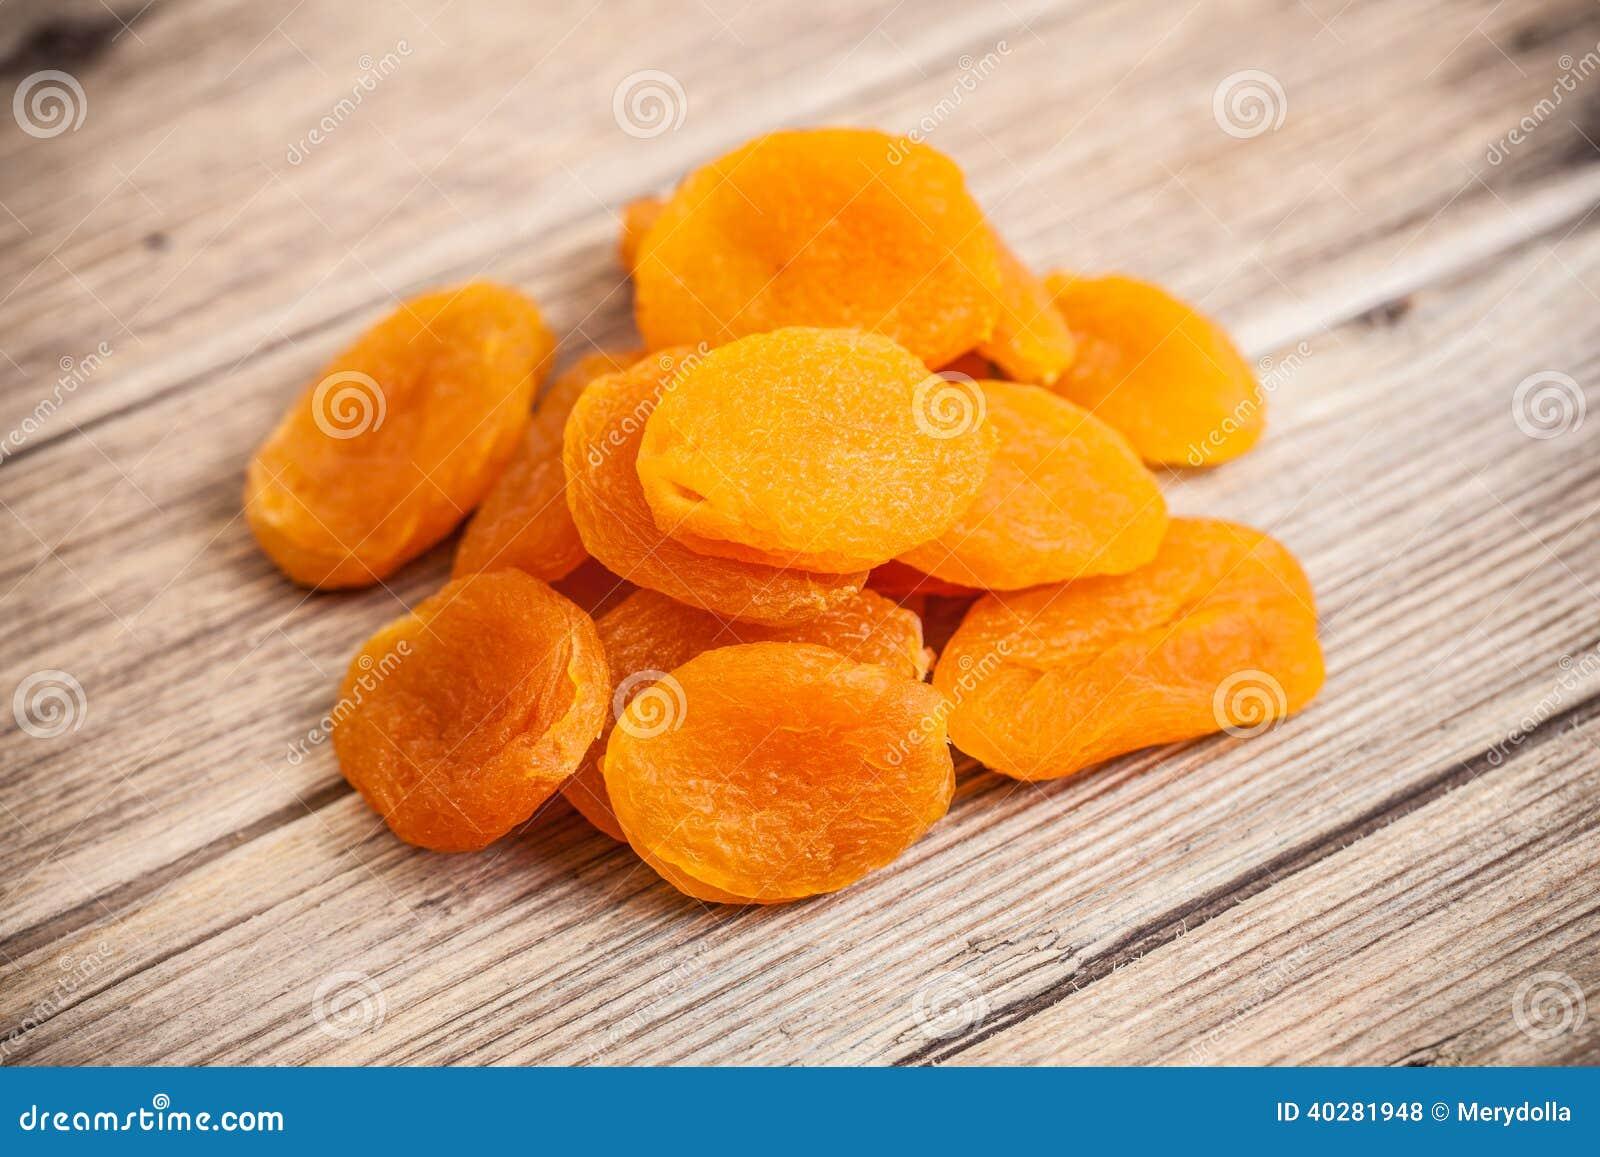 Ворох close-up высушенных абрикосов